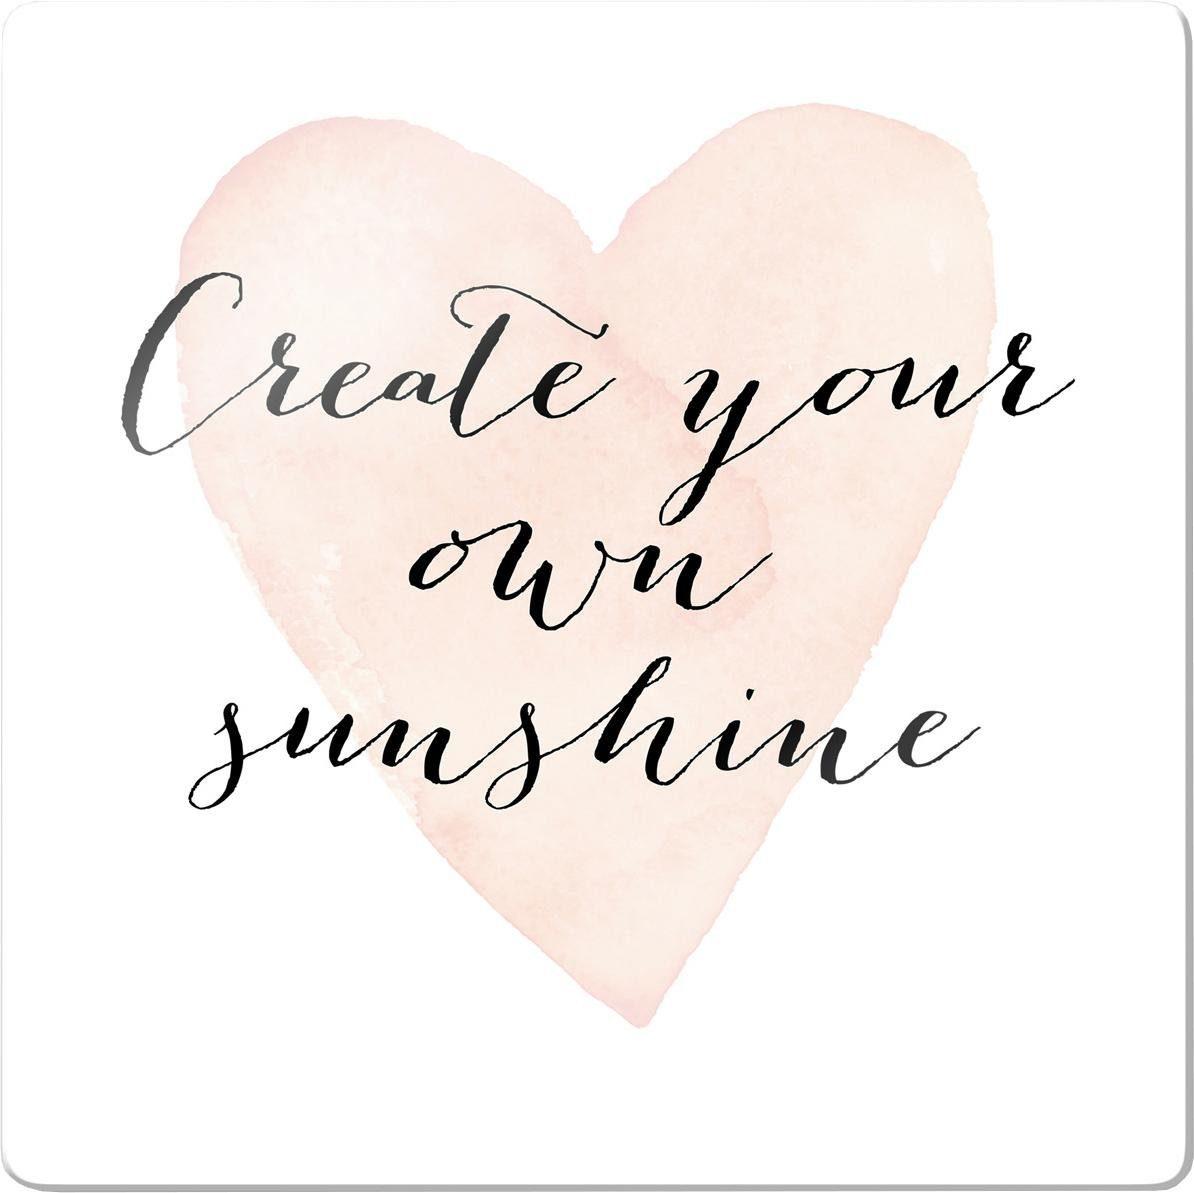 Glasbild »Confetti & Cream - Create your own sunshine« 30/0,4/30 cm